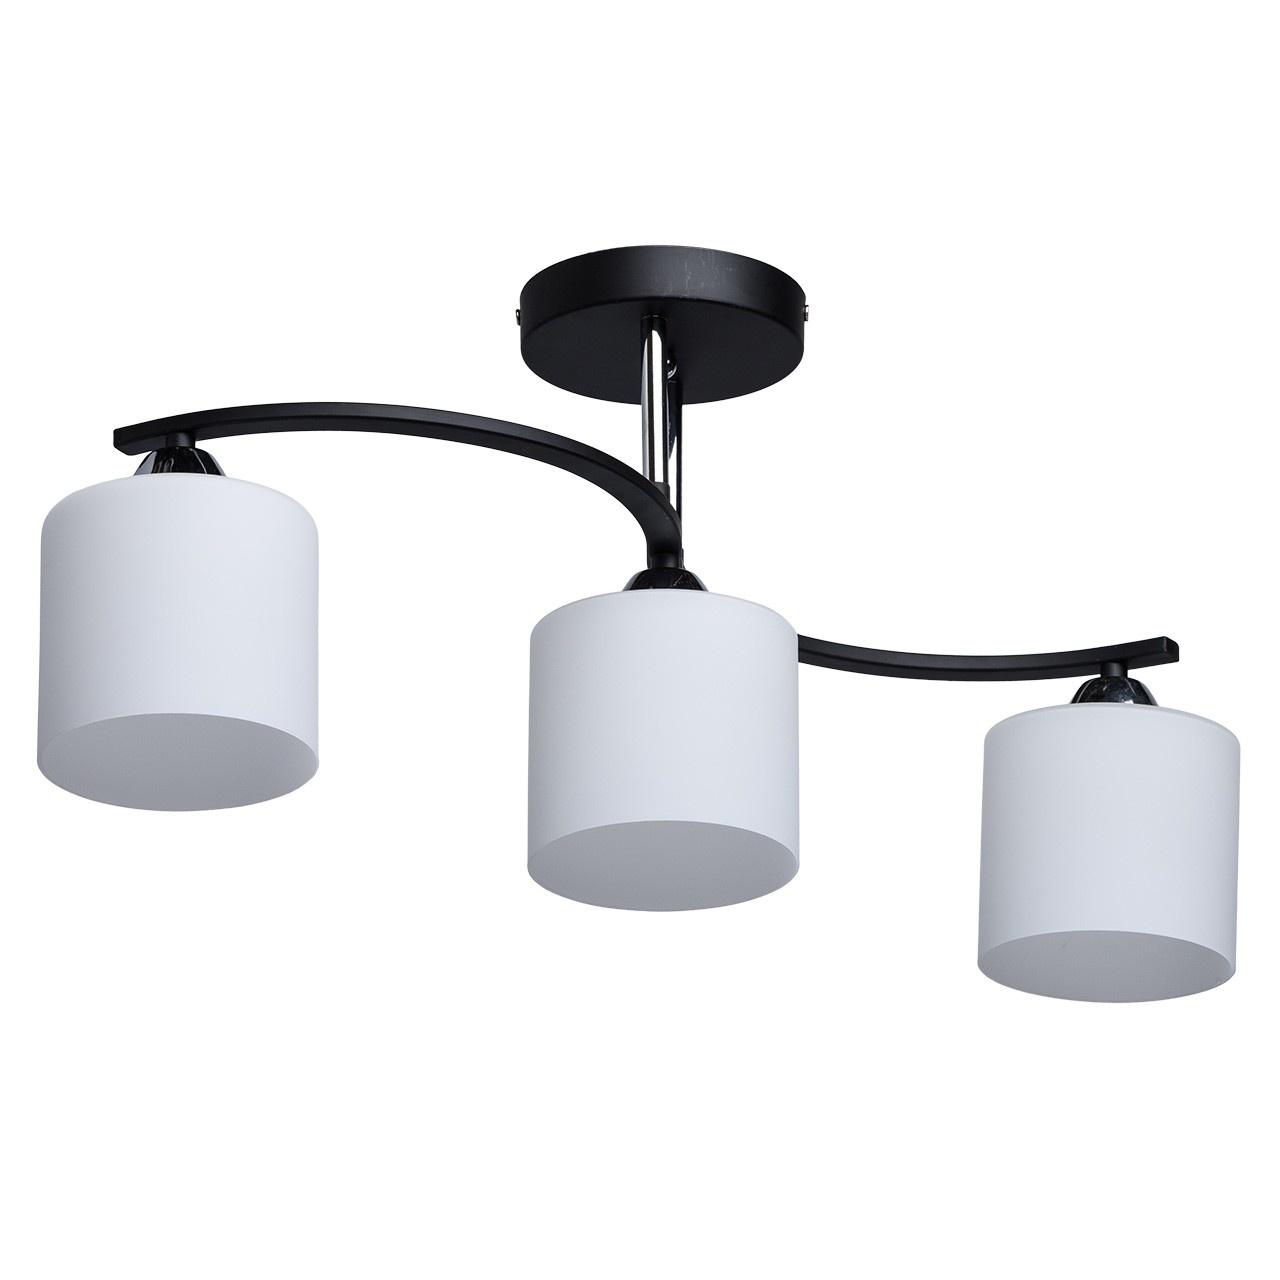 Люстра Demarkt city 673011203 Тетро потолочный светильник demarkt тетро 673010204